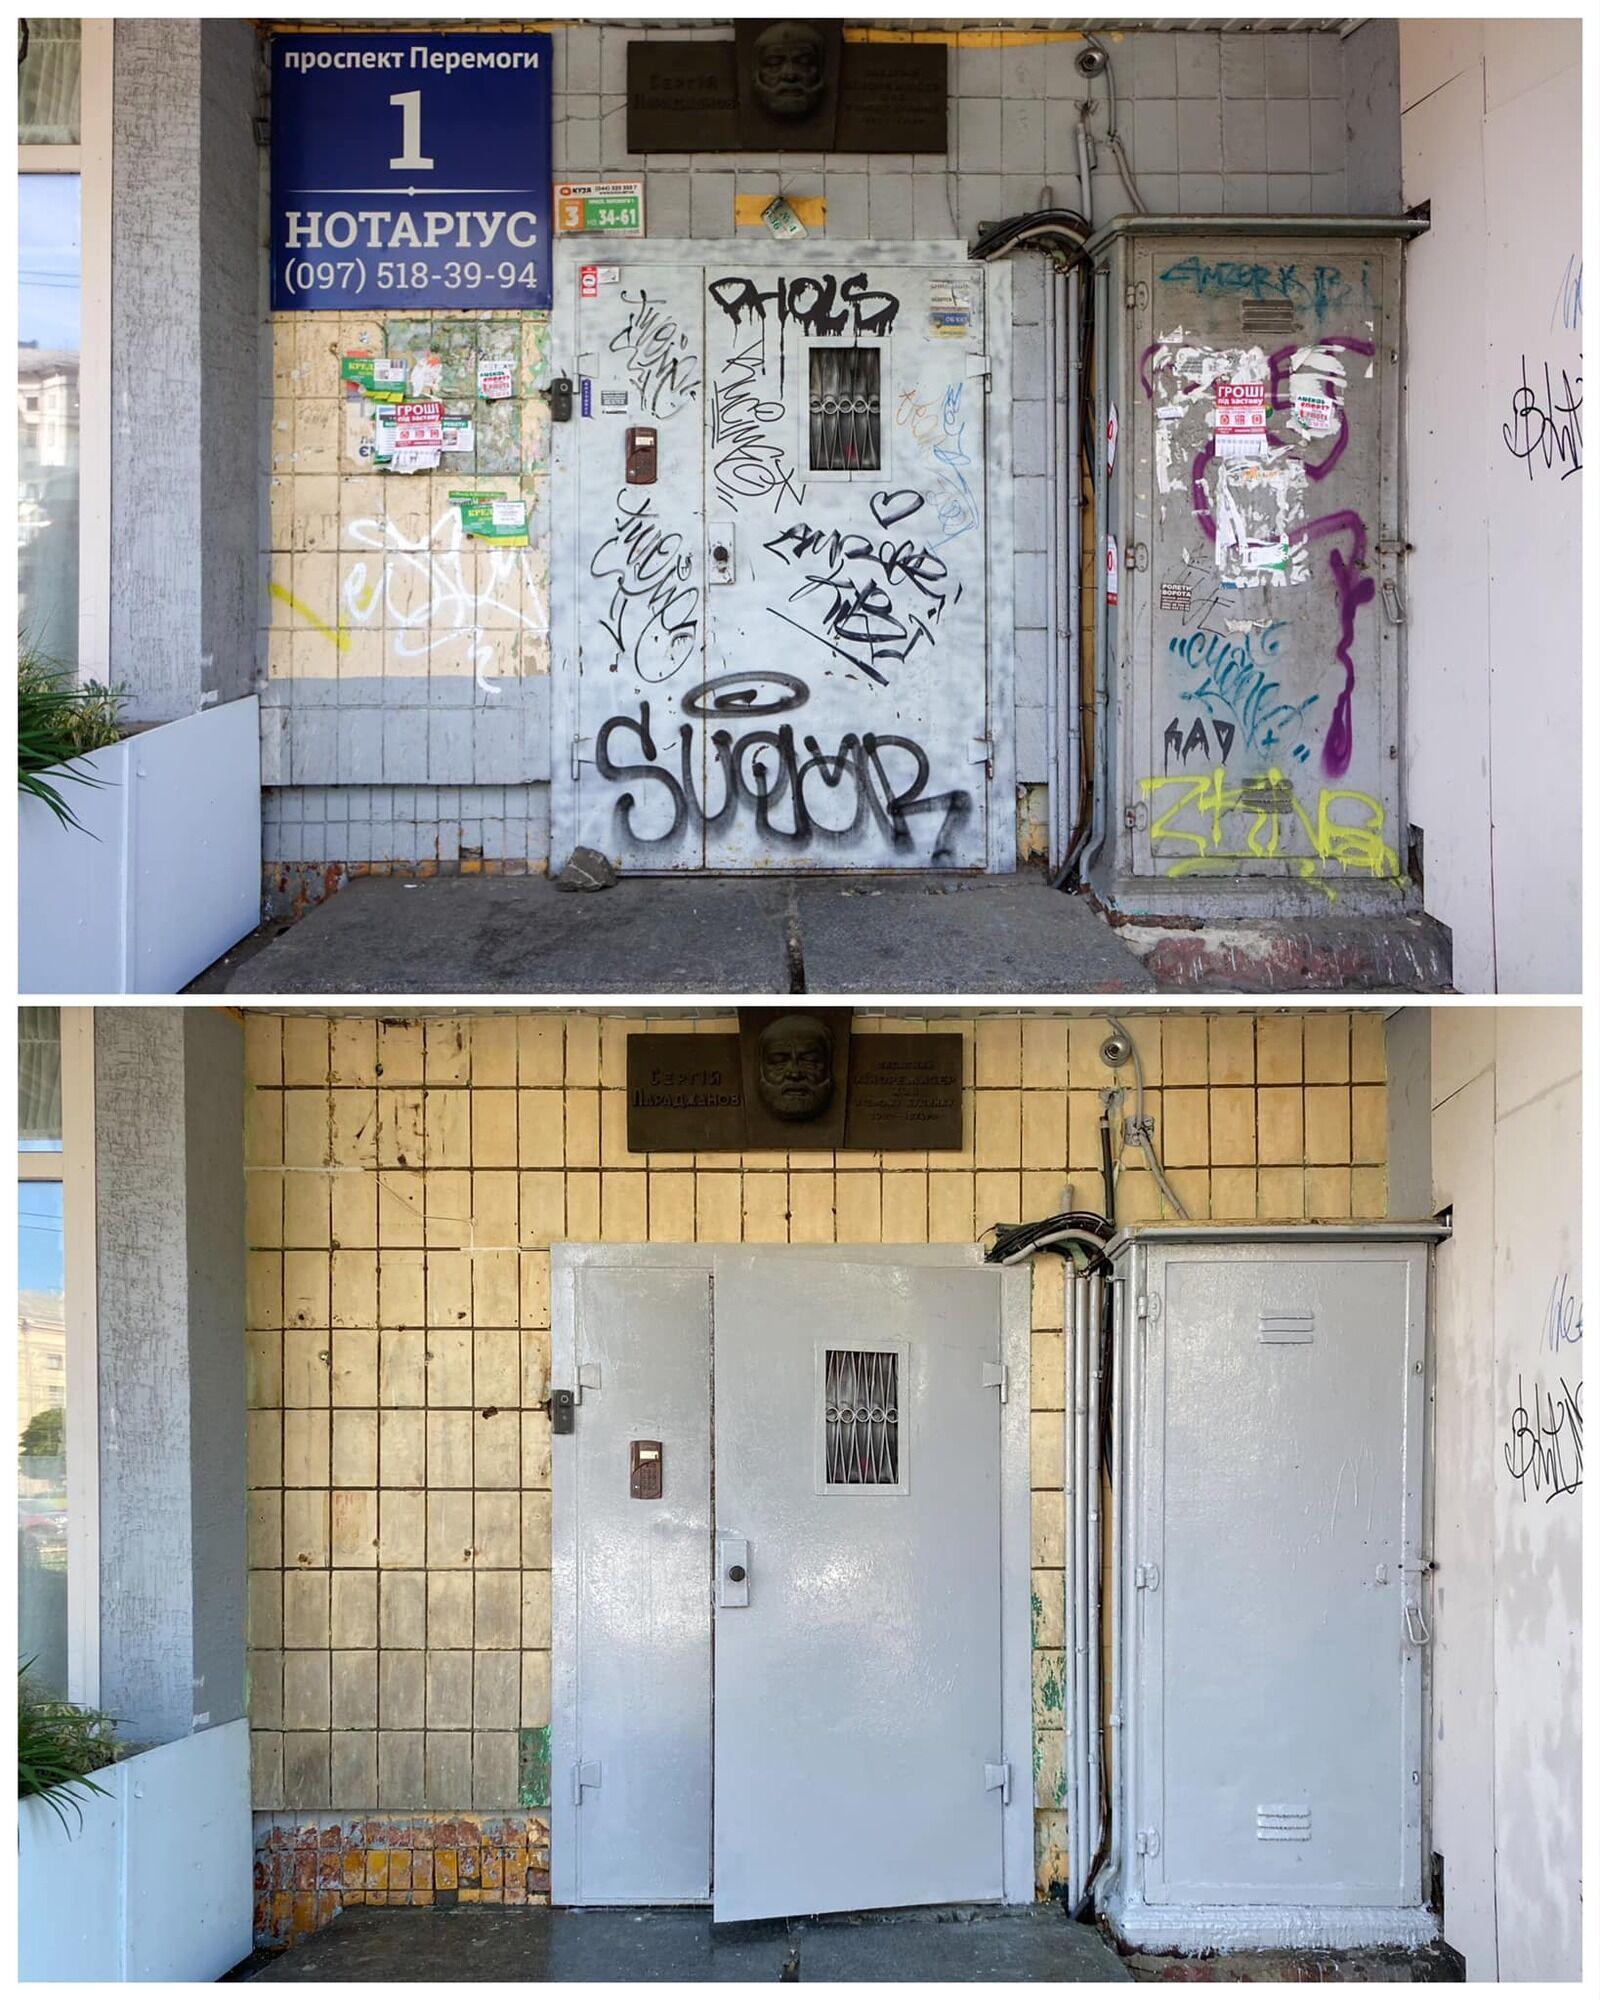 Входную группу изуродовали надписями и граффити .